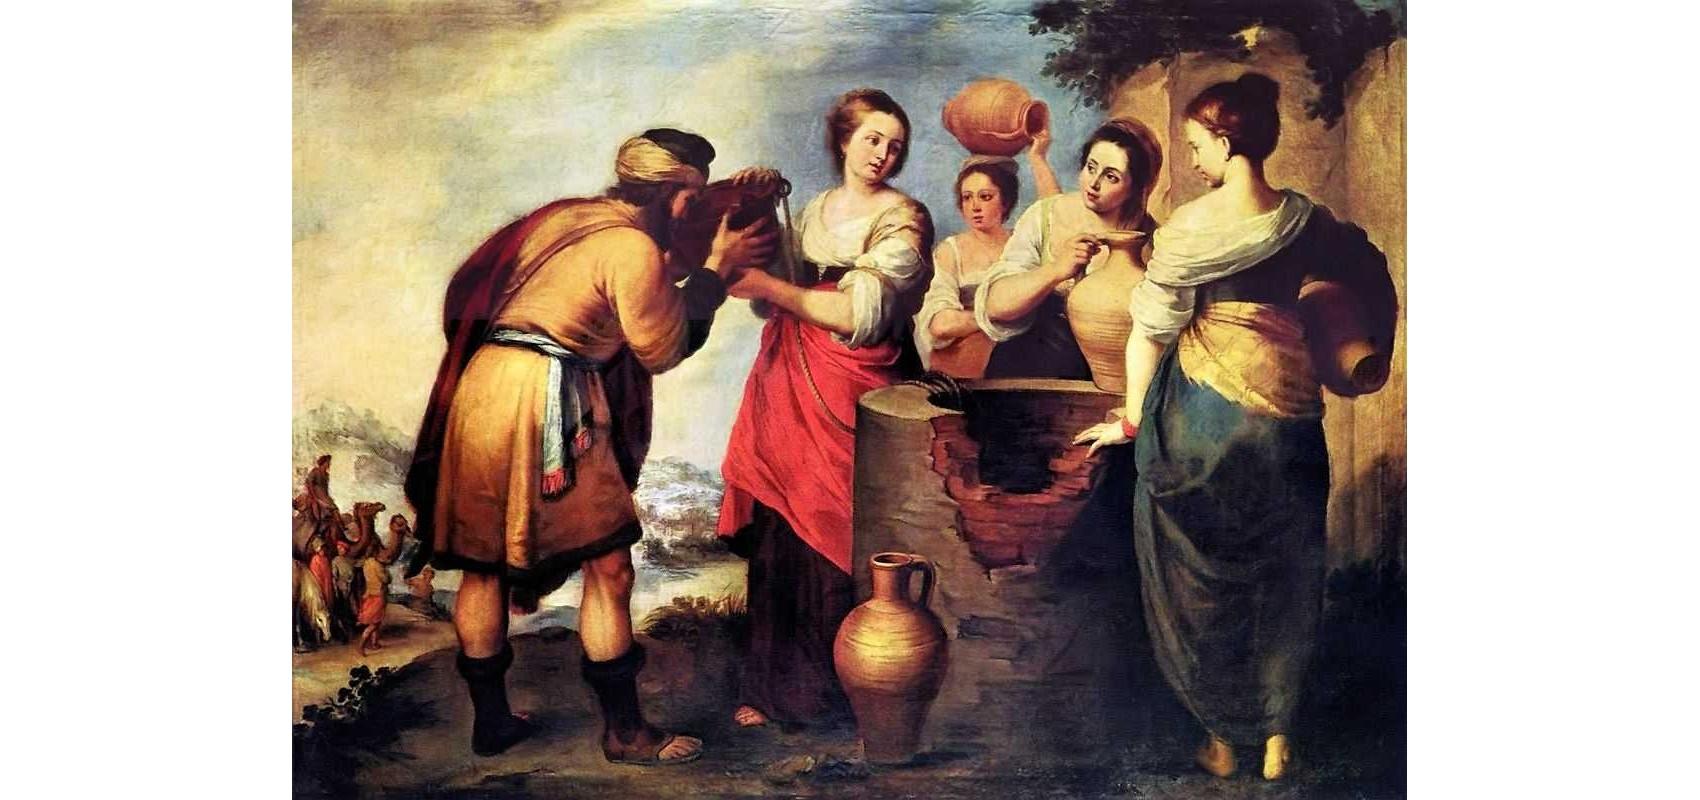 Eliézer rencontre Rébecca au puits